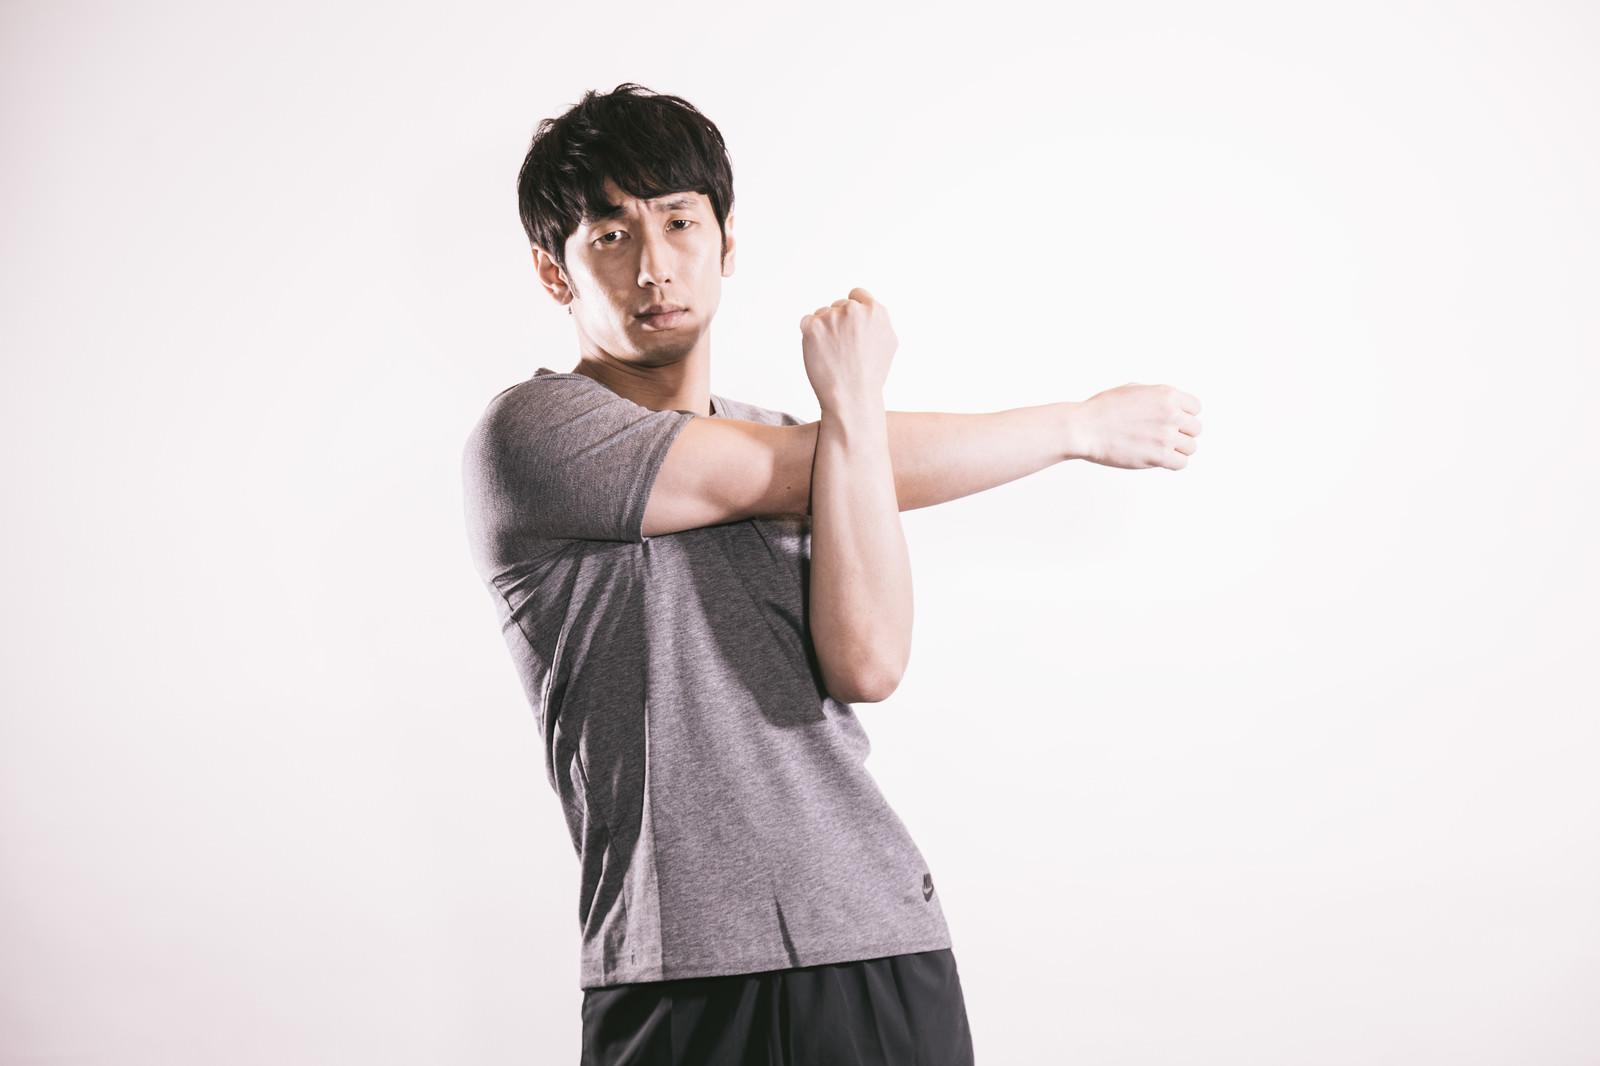 「上腕三頭筋を伸ばす男性」の写真[モデル:大川竜弥]